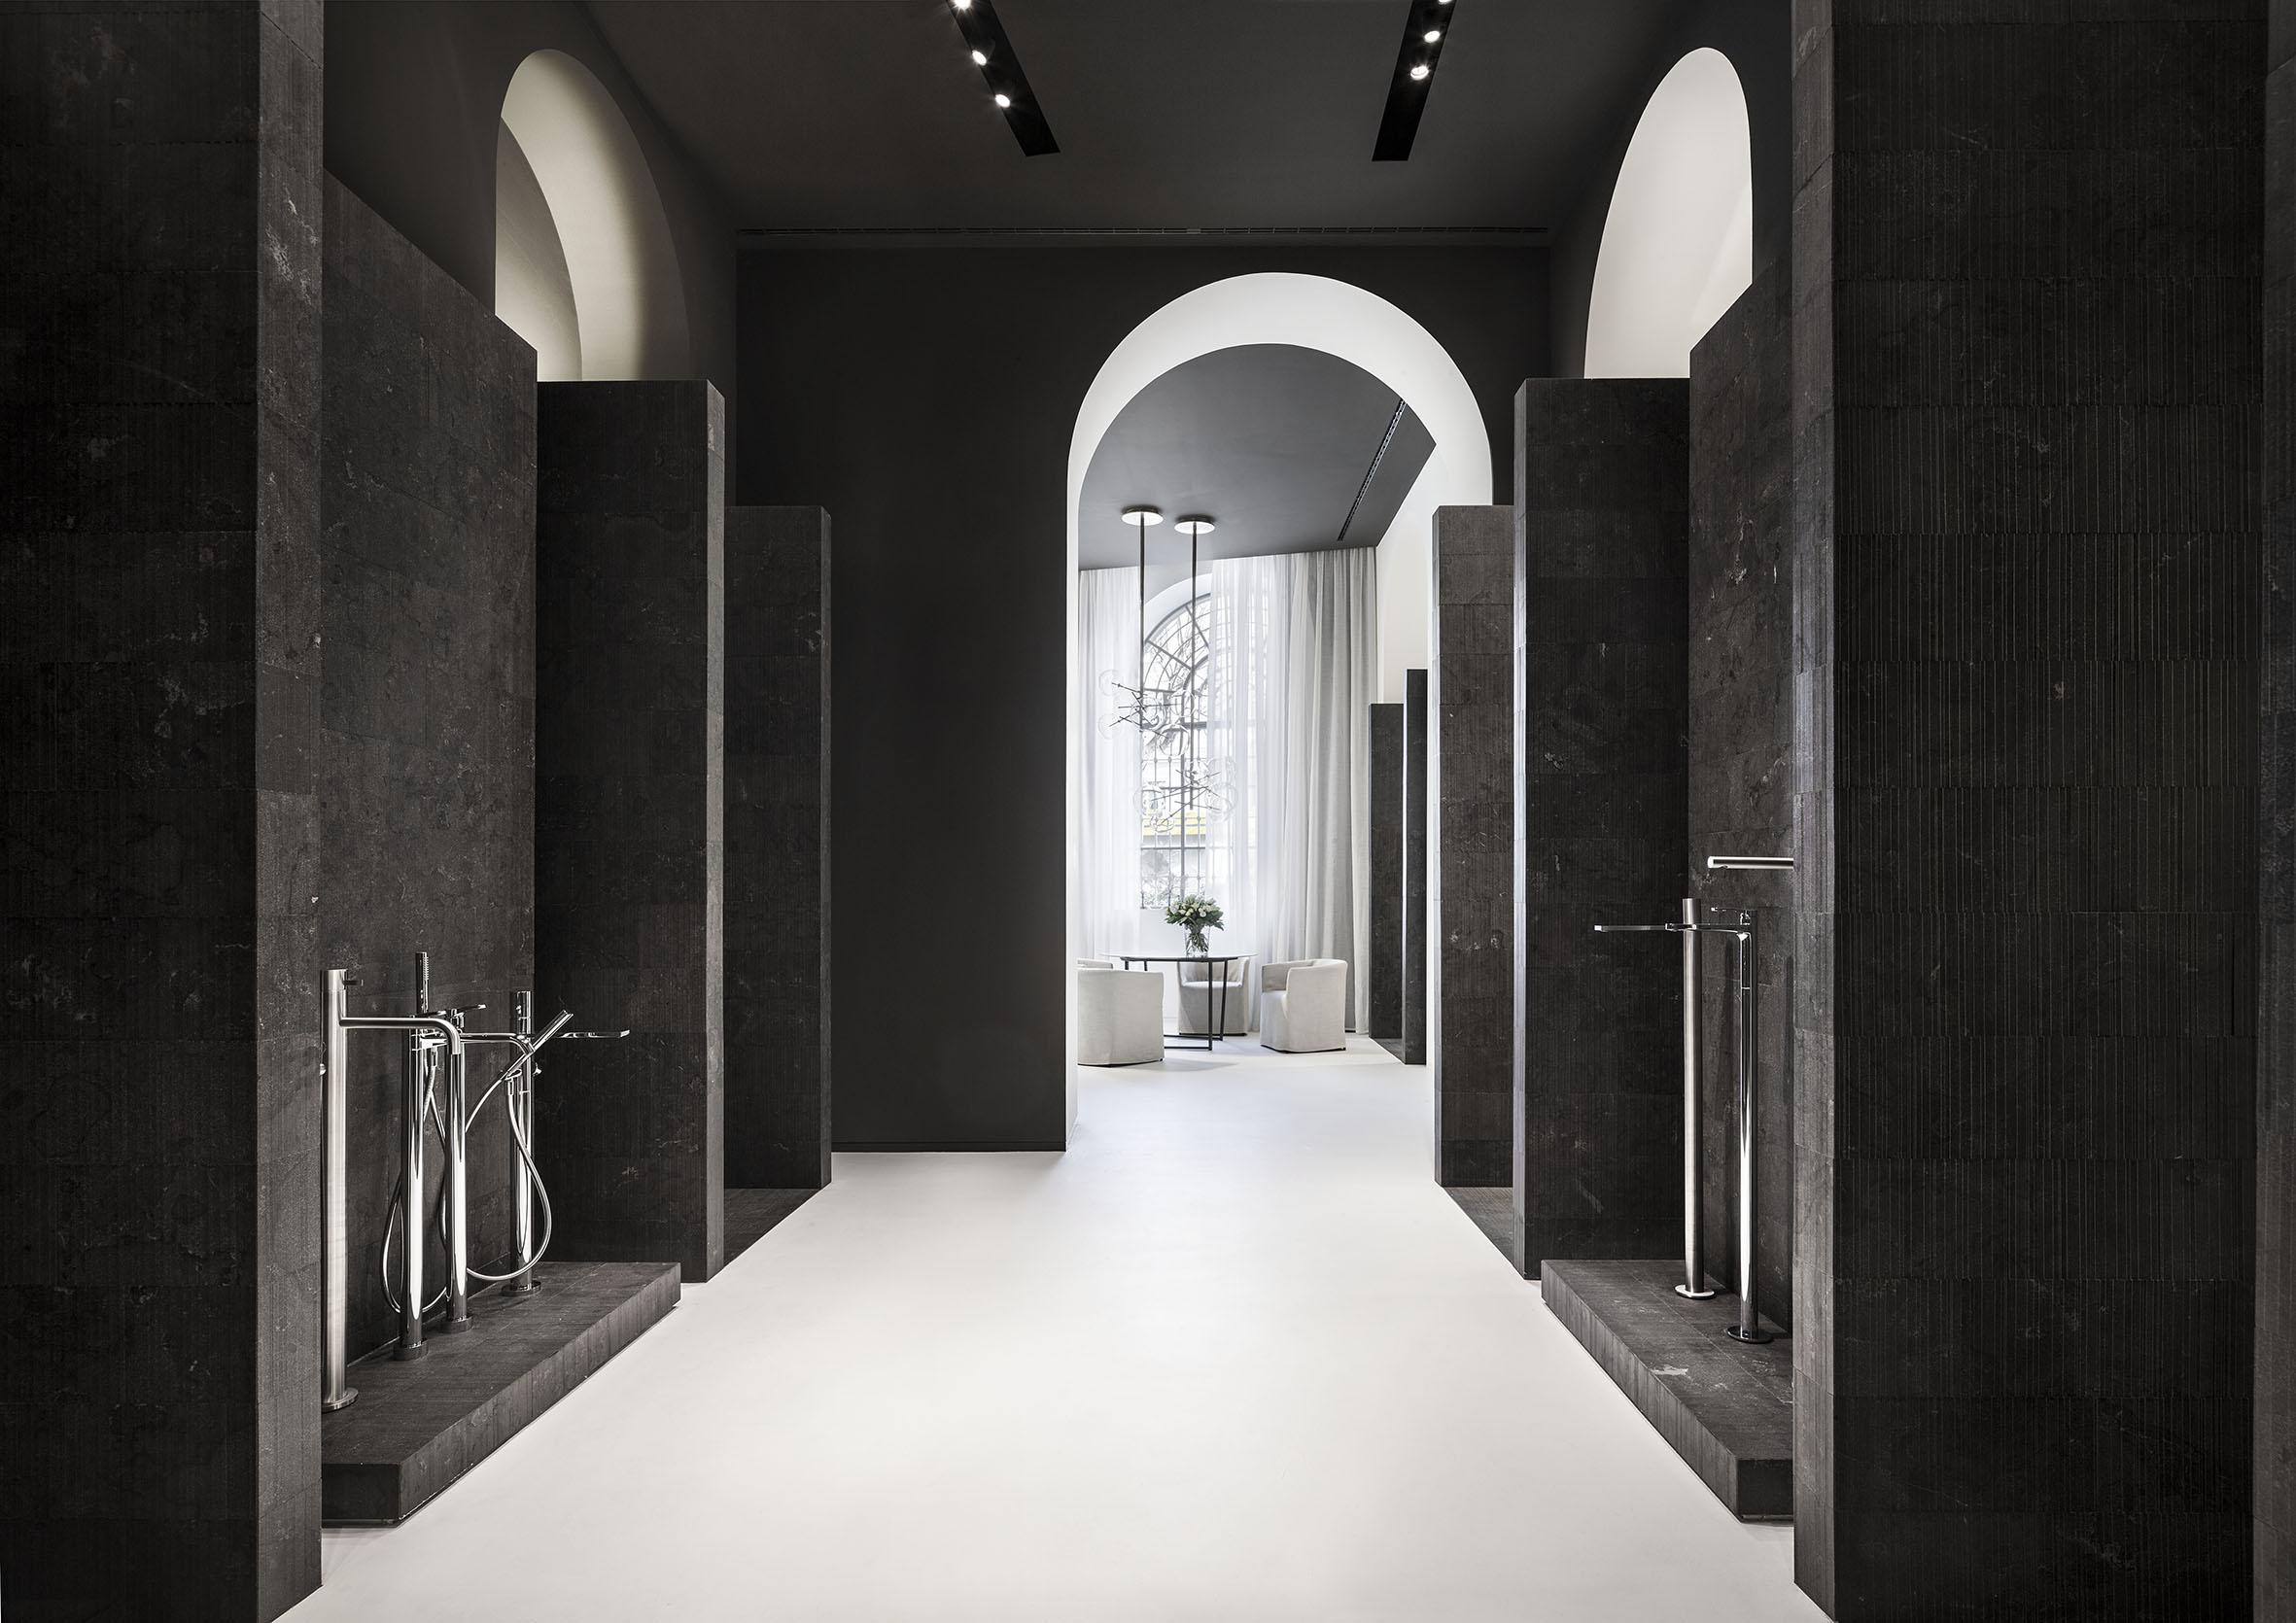 Il nuovo showroom di fantini for Bagno fantini